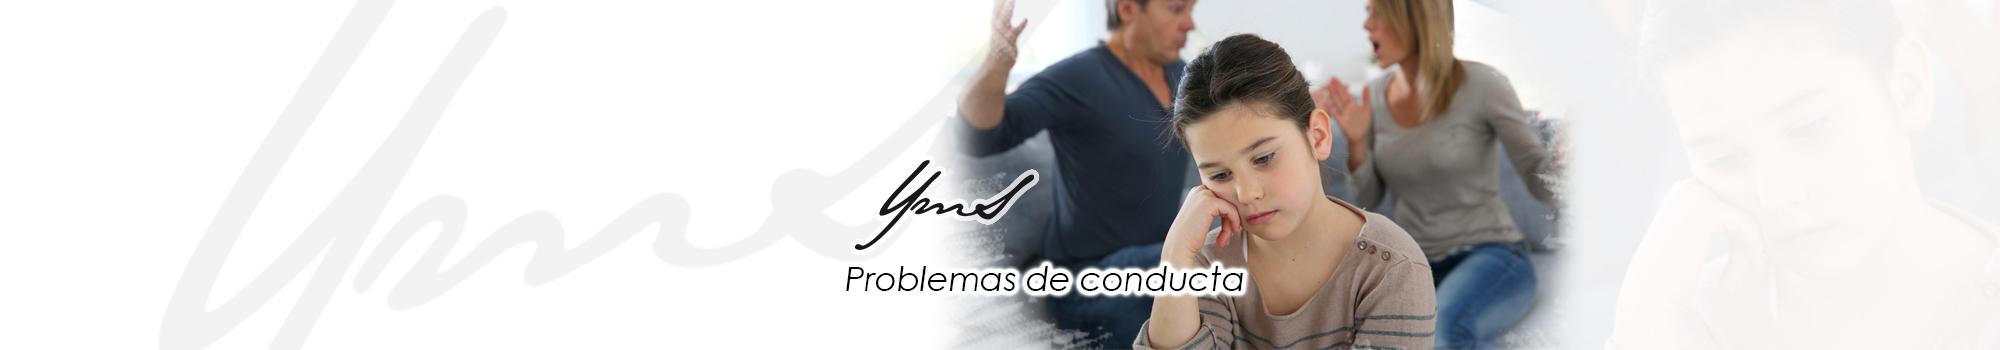 psicología San Javier, psicología santiago de la ribera, psicología pilar de la horadada